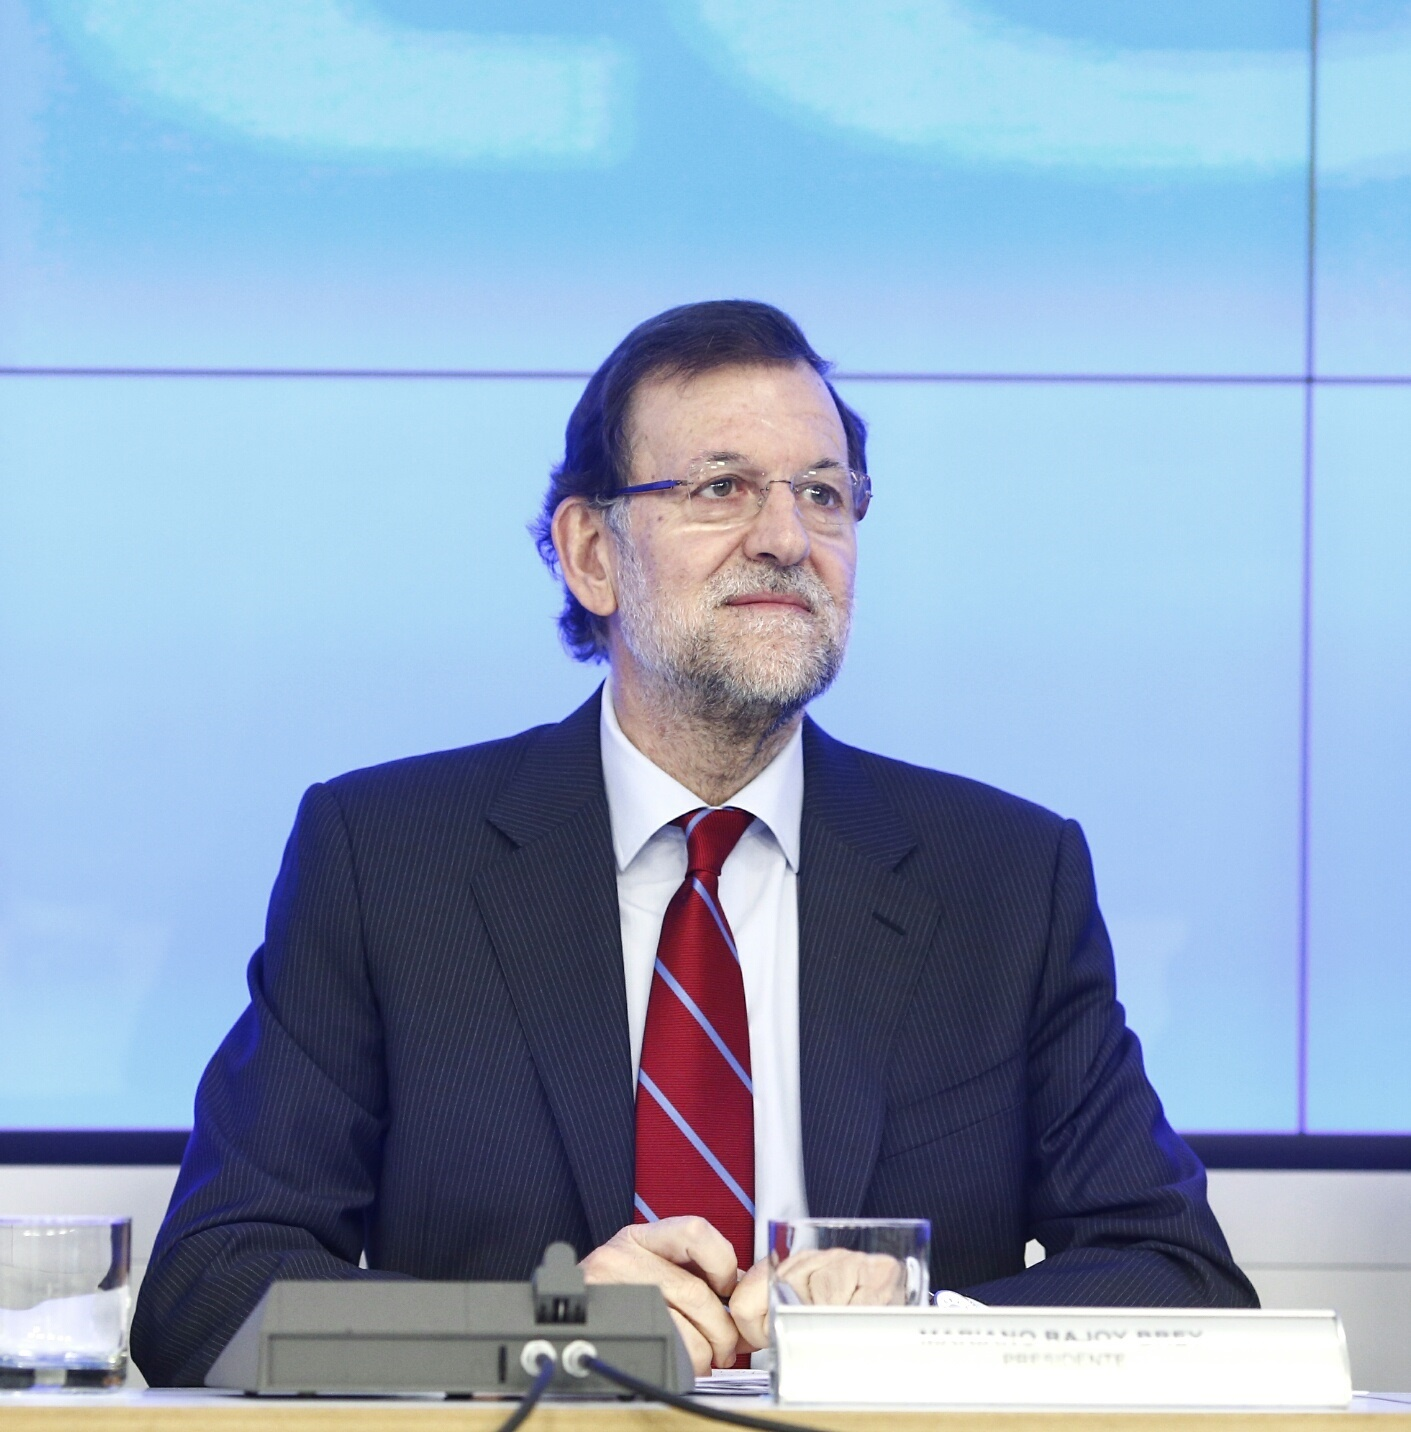 Rajoy emplaza a la movilización del PP en las europeas para ganarlas